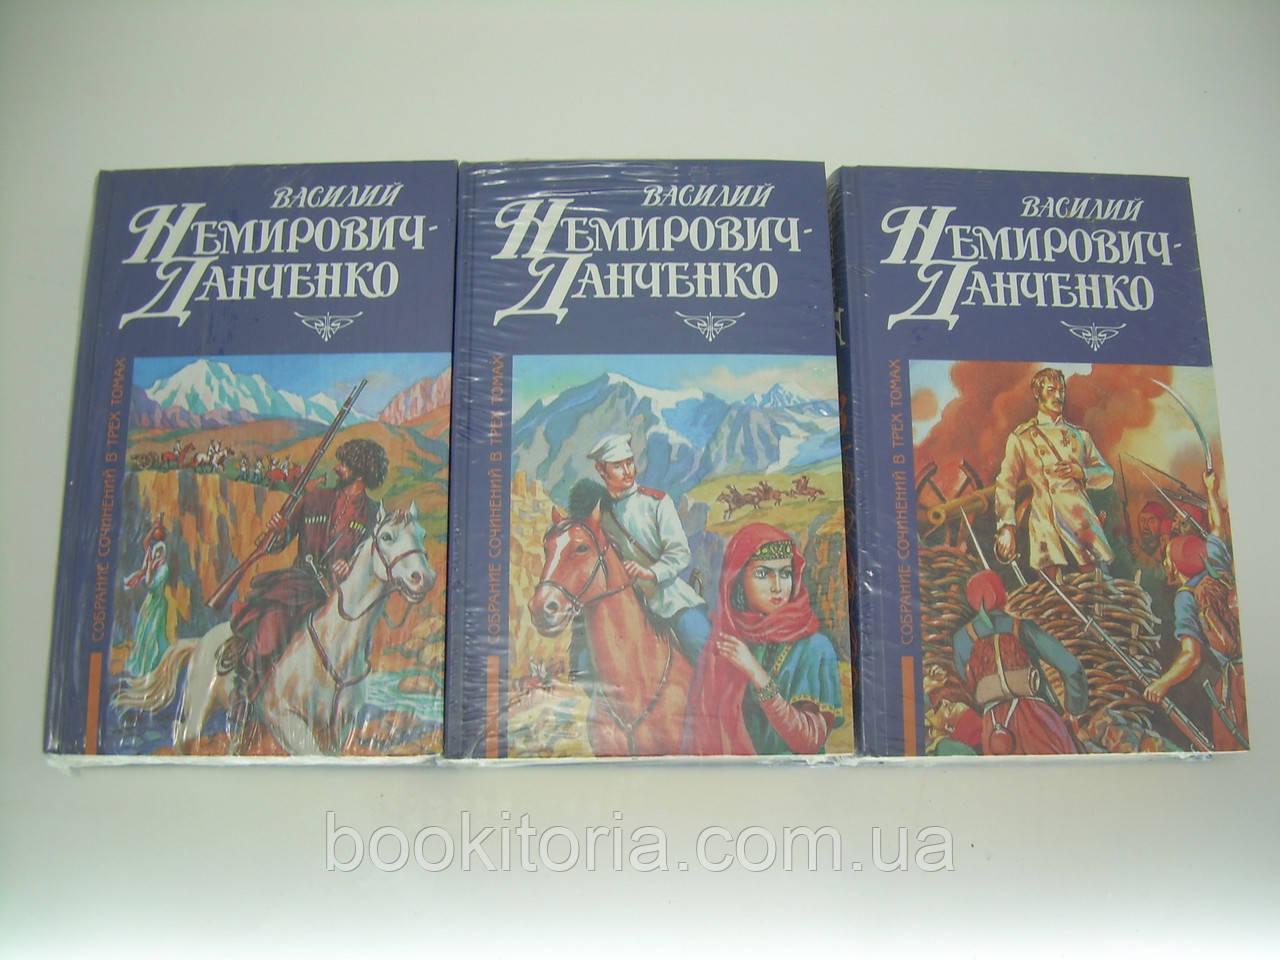 Немирович-Данченко В. Собрание сочинений в трех томах (б/у).